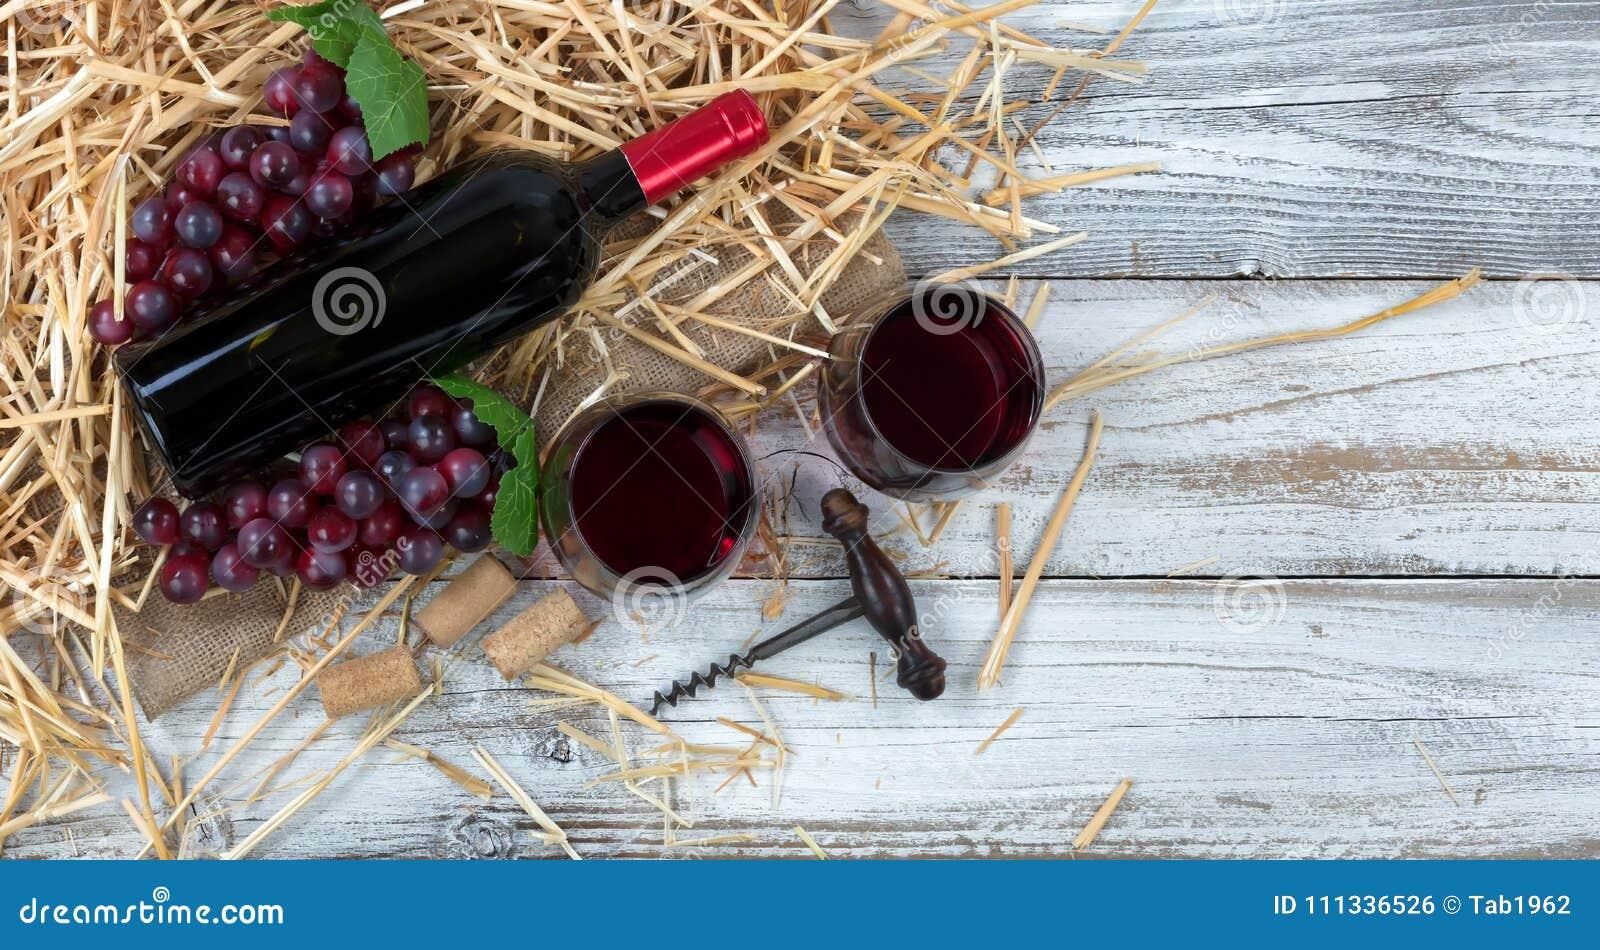 Anniversario Ufficio : Bottiglia di vino rosso più i bicchieri sopra paglia e l ufficio